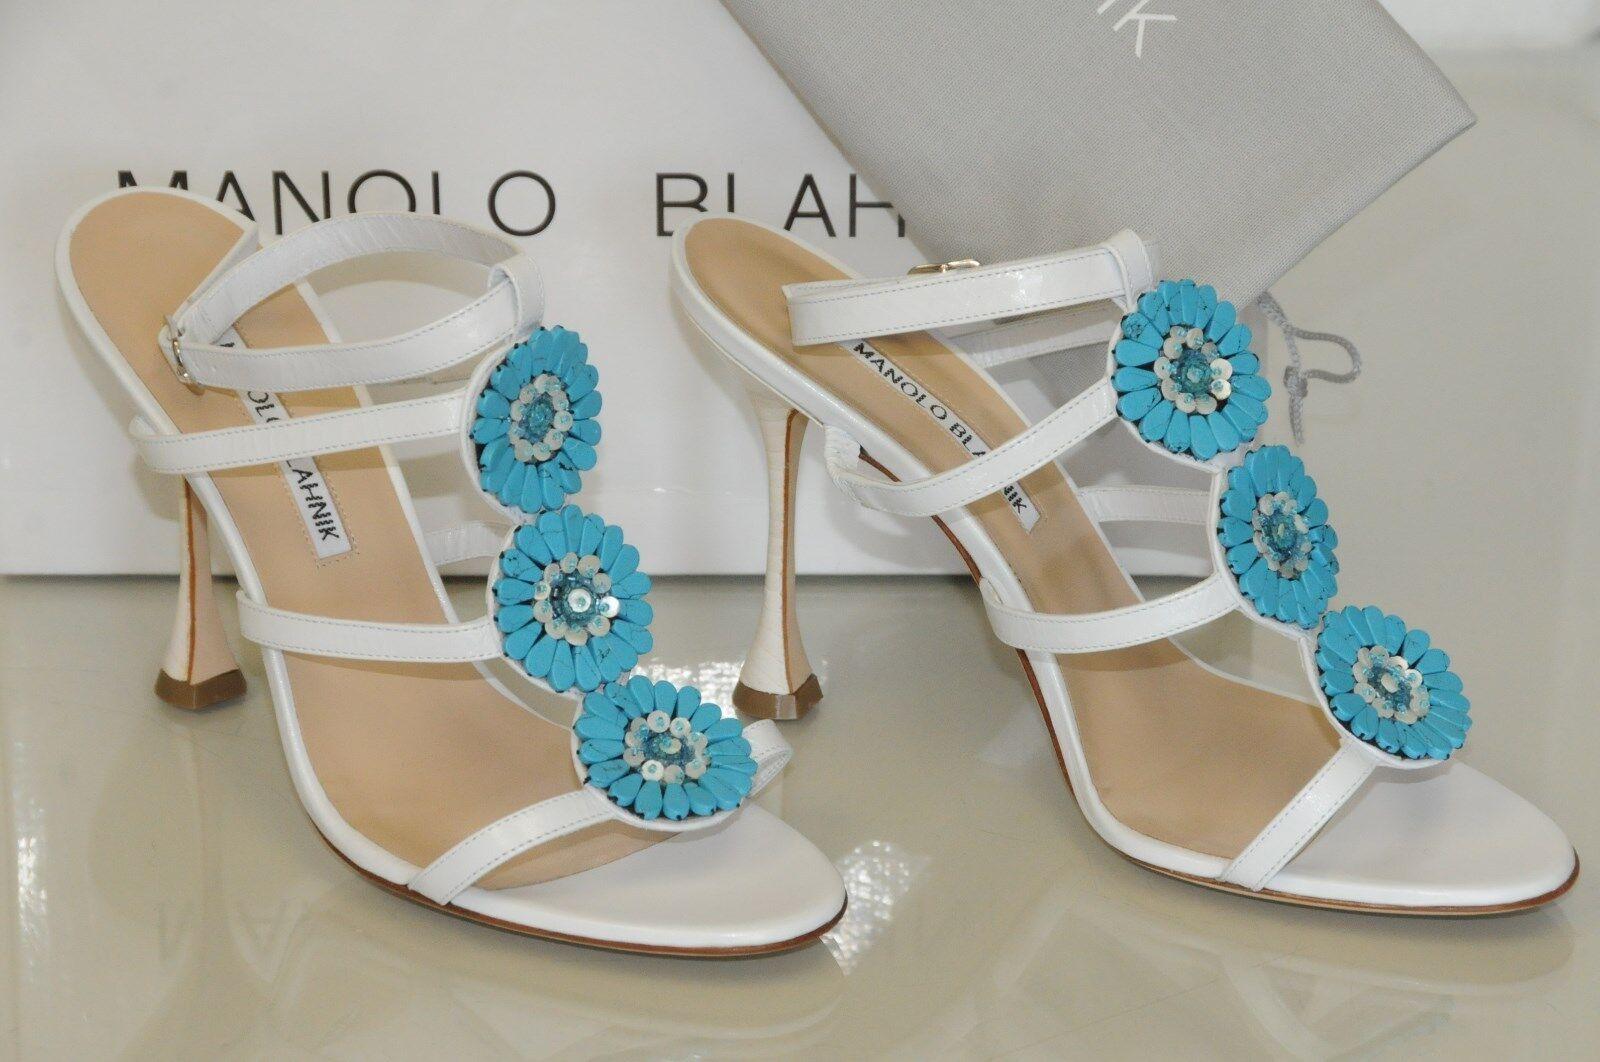 Neu Manolo Blahnik Zionita Weiß-türkis Perlenbesetzte Sandalen Schuhe 36.5 39 40